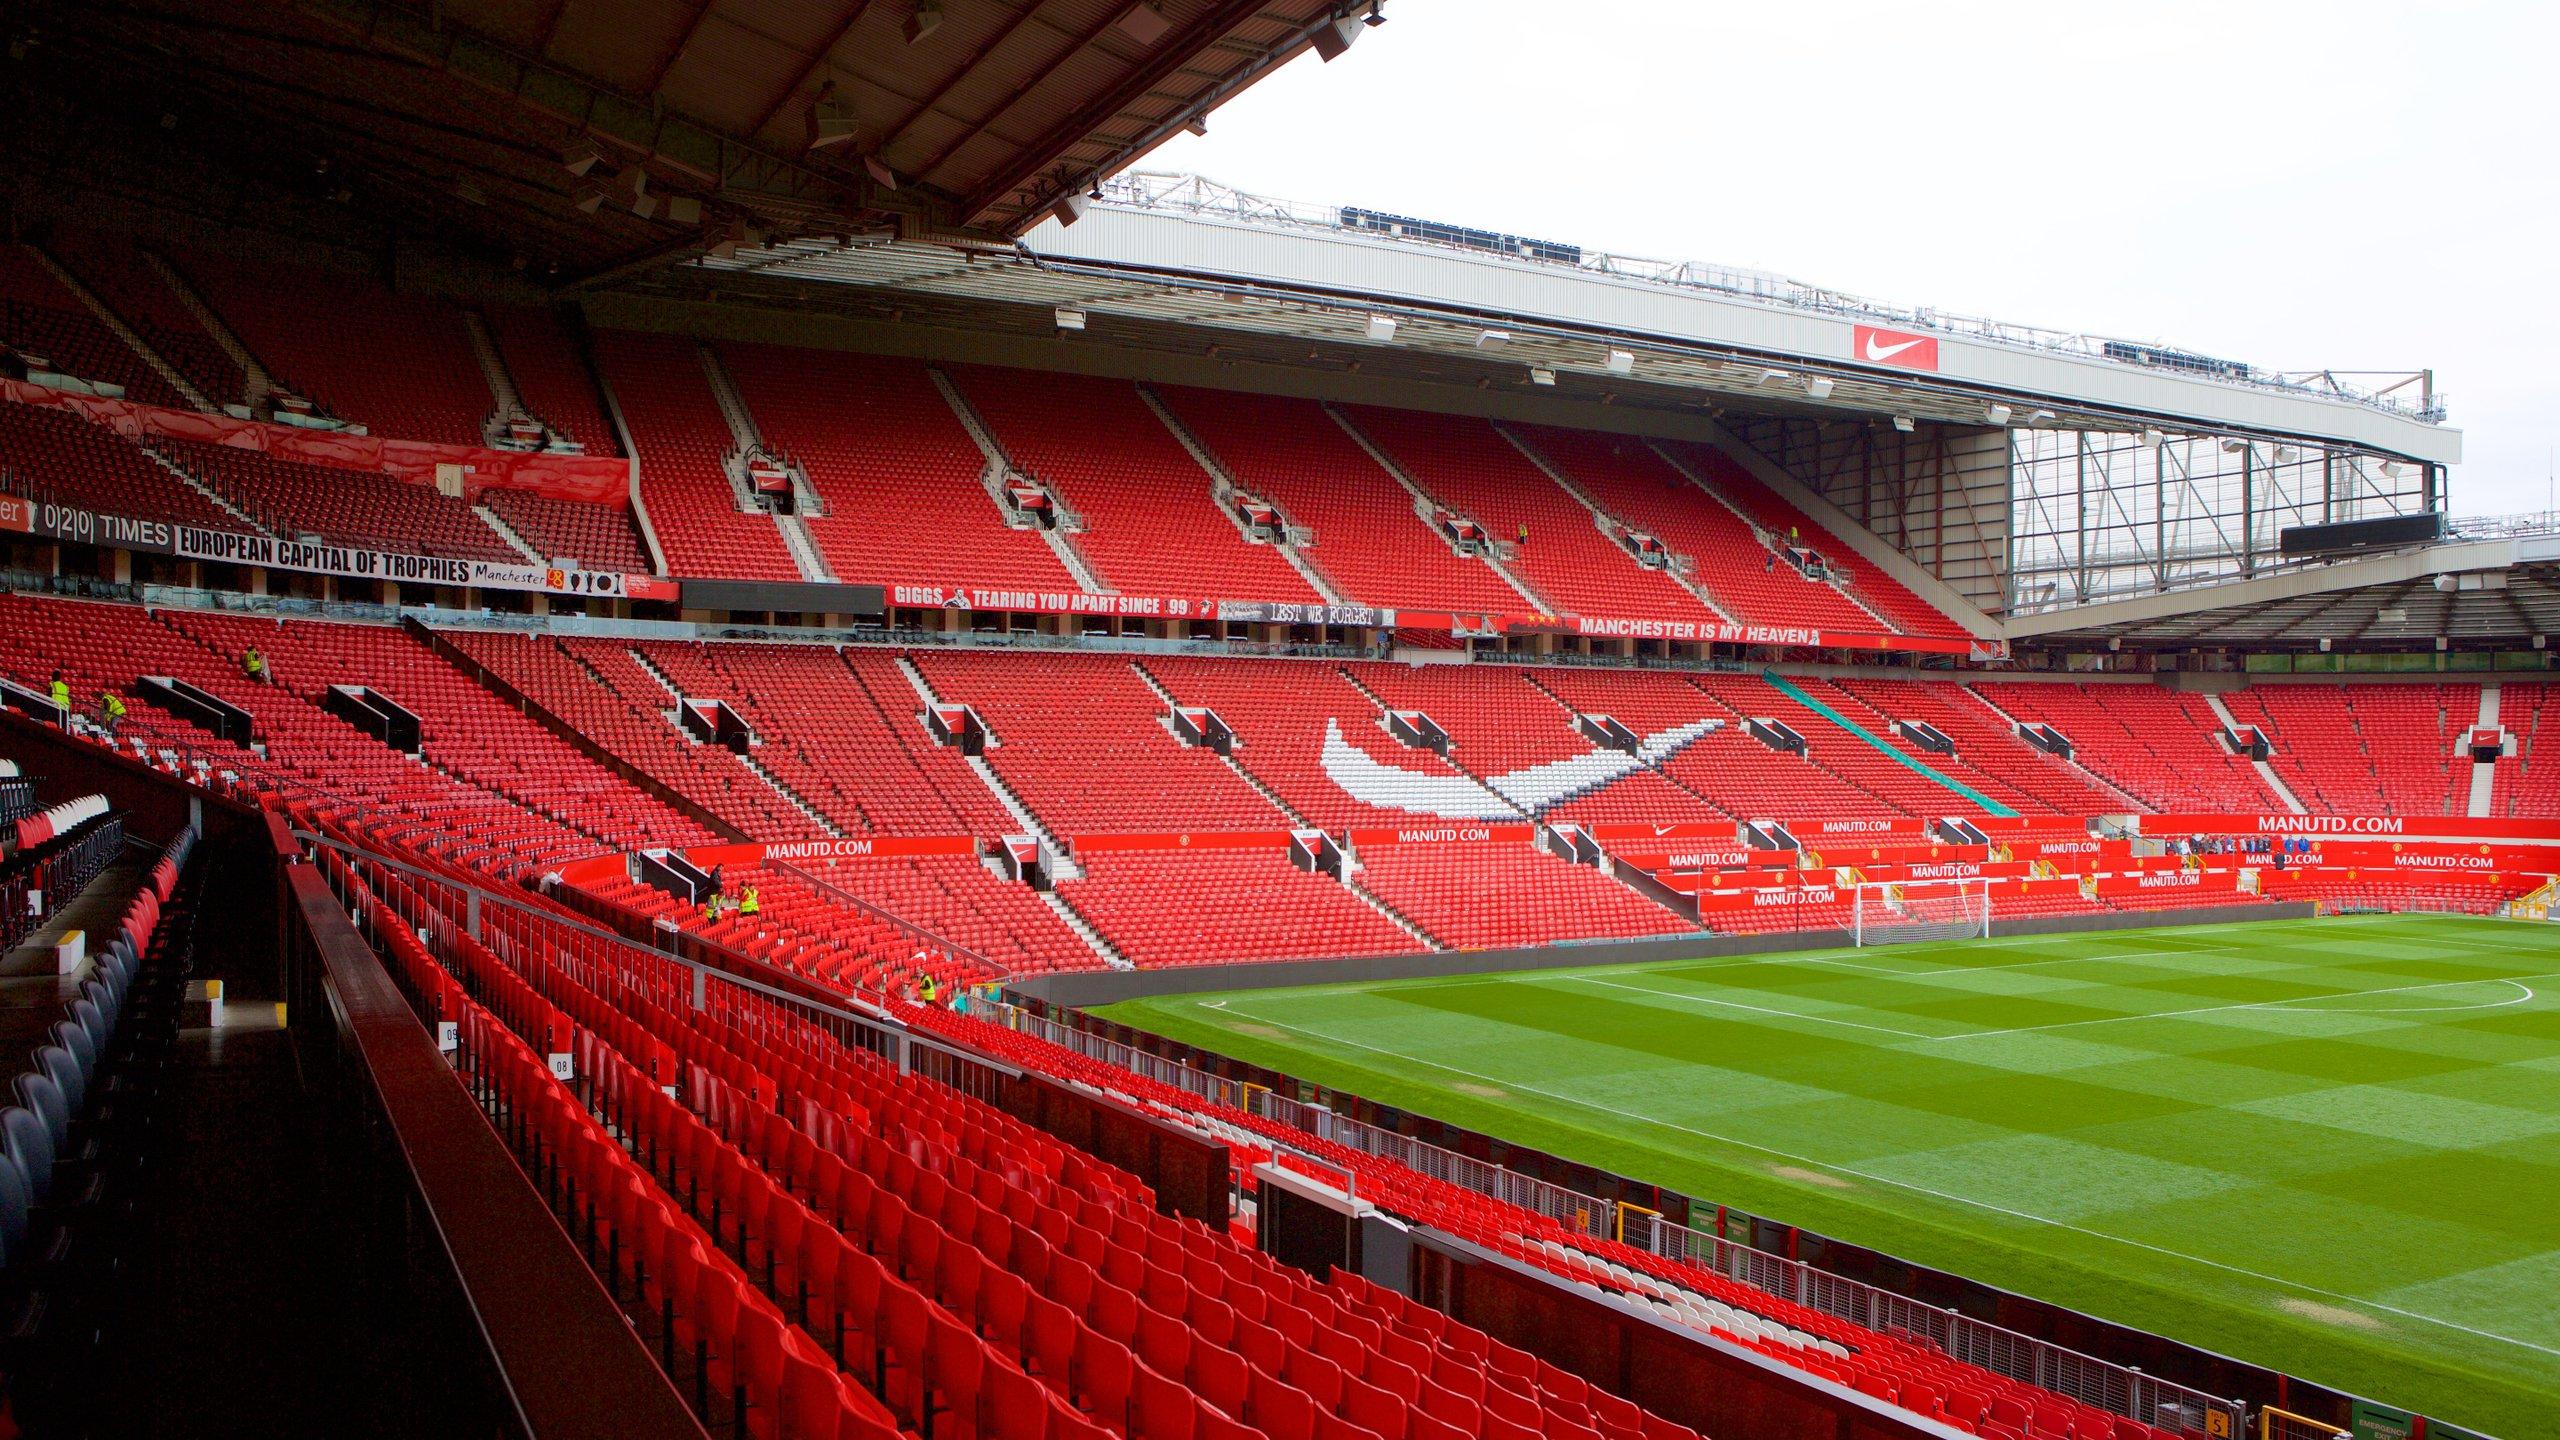 Hei på fotballspillerne i en nervepirrende kamp og gå på omvisning i dette stadionet som har plass til 75000 tilskuere og er hjemmet til et av Storbritannias mest suksessrike fotballag.